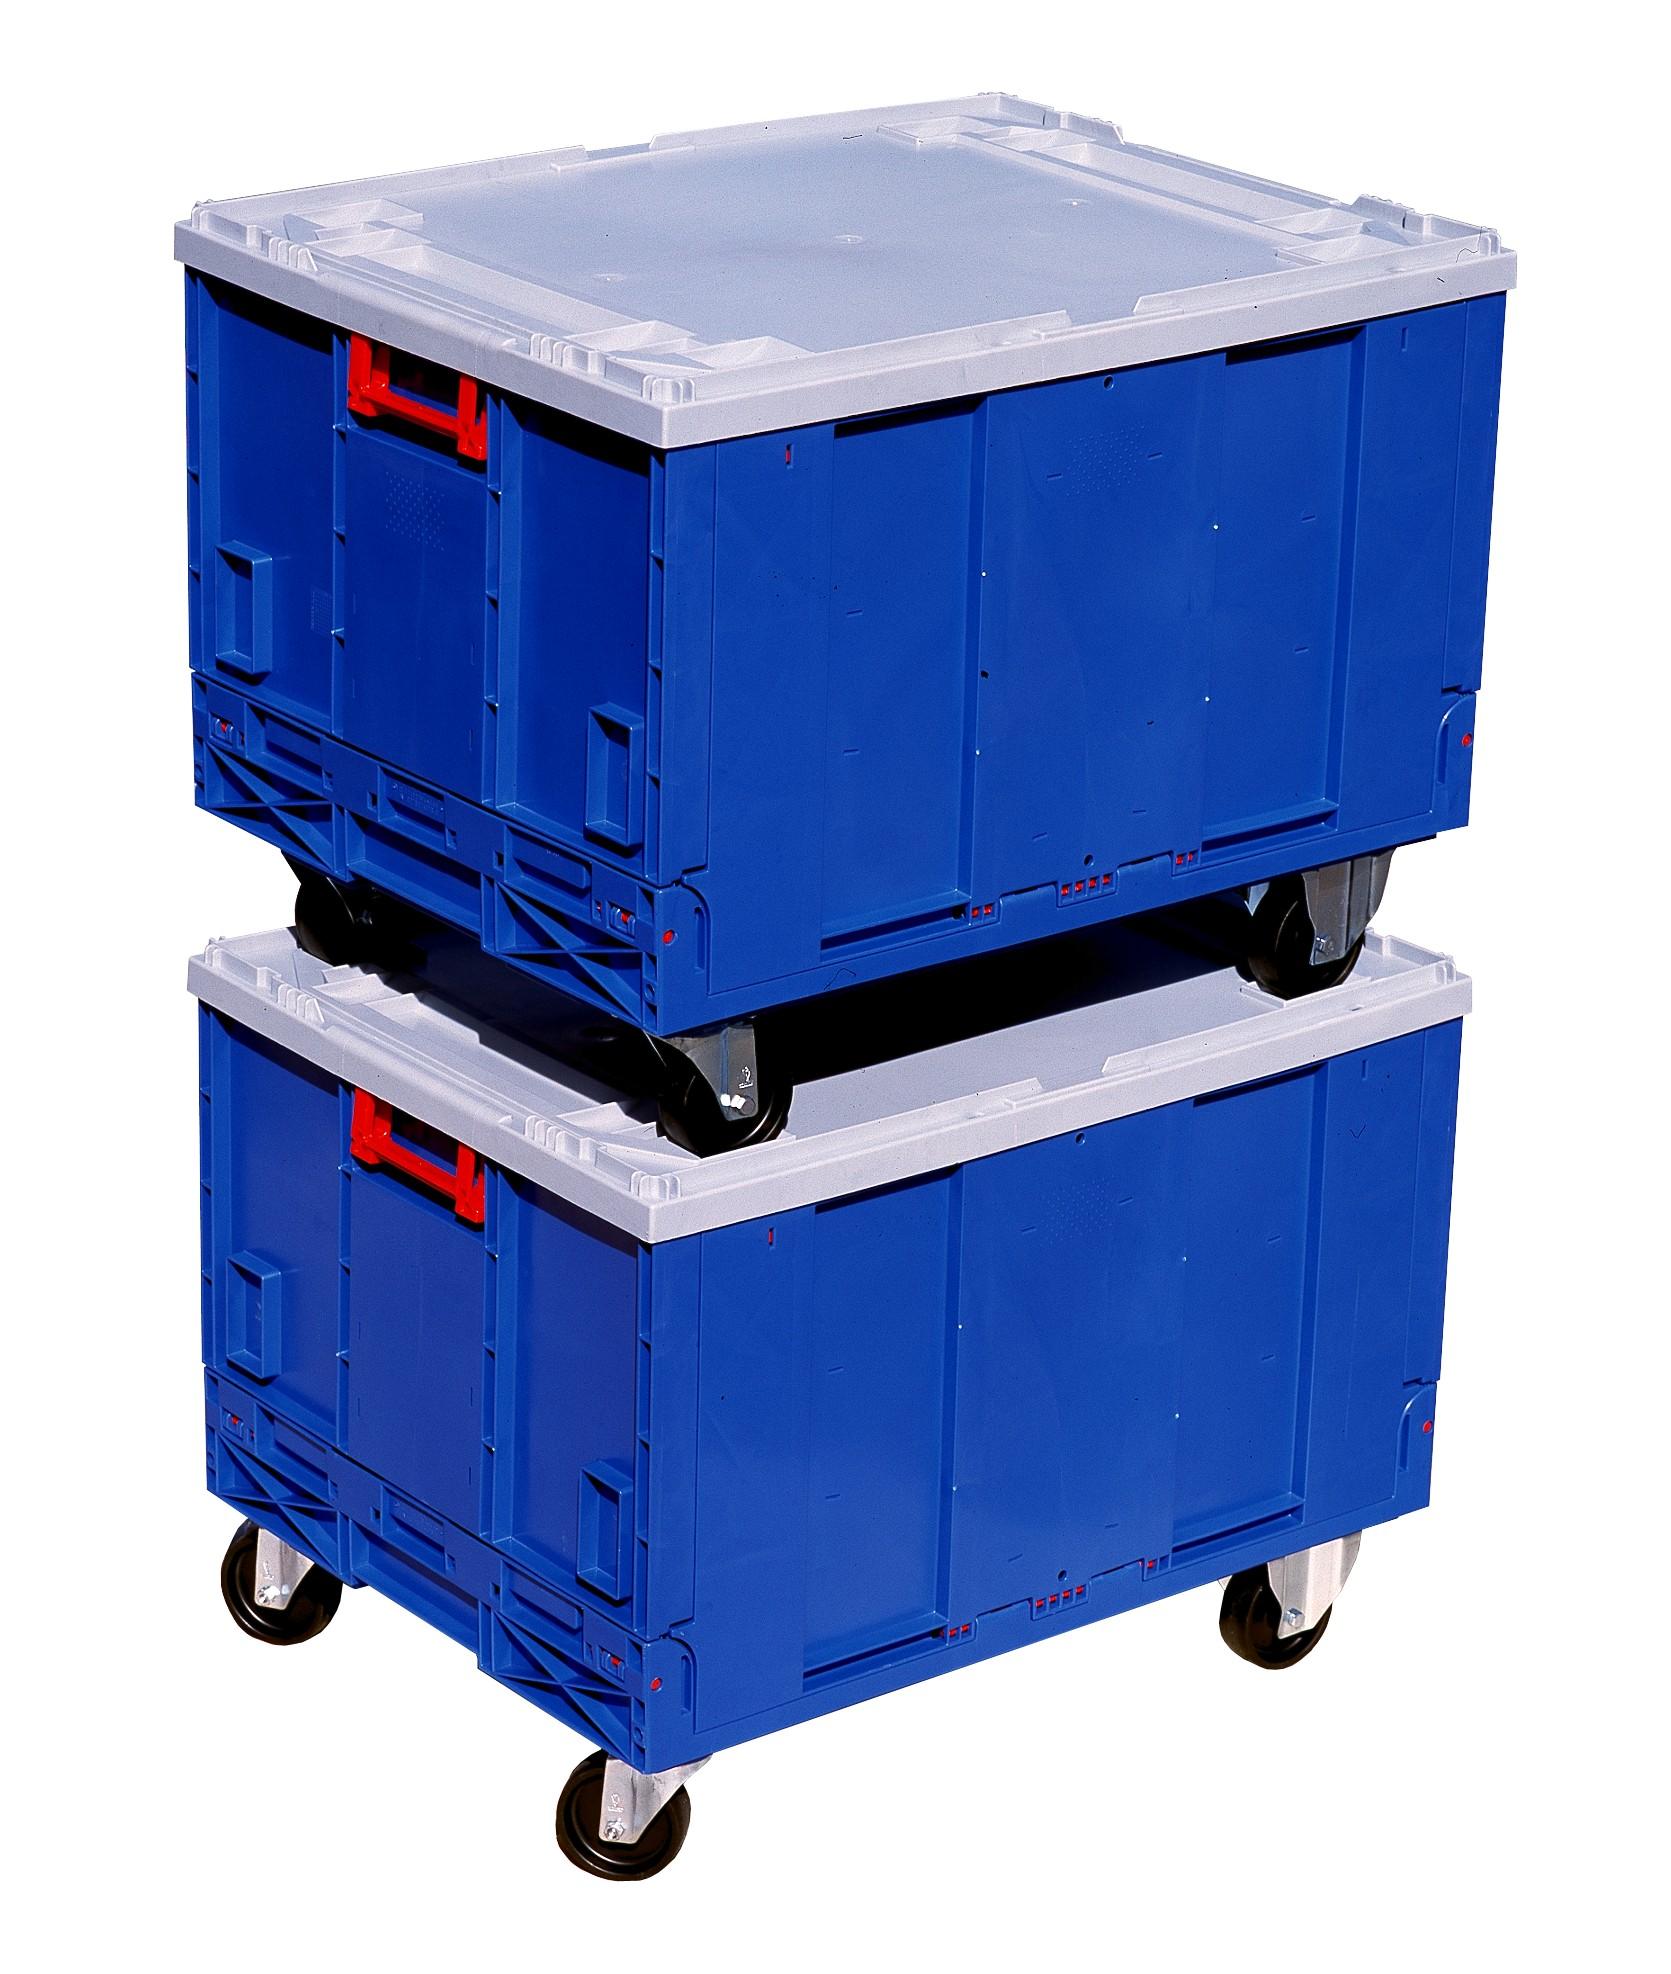 Caja de pl stico plegables con fondo y ruedas - Cajas de plastico con ruedas ...